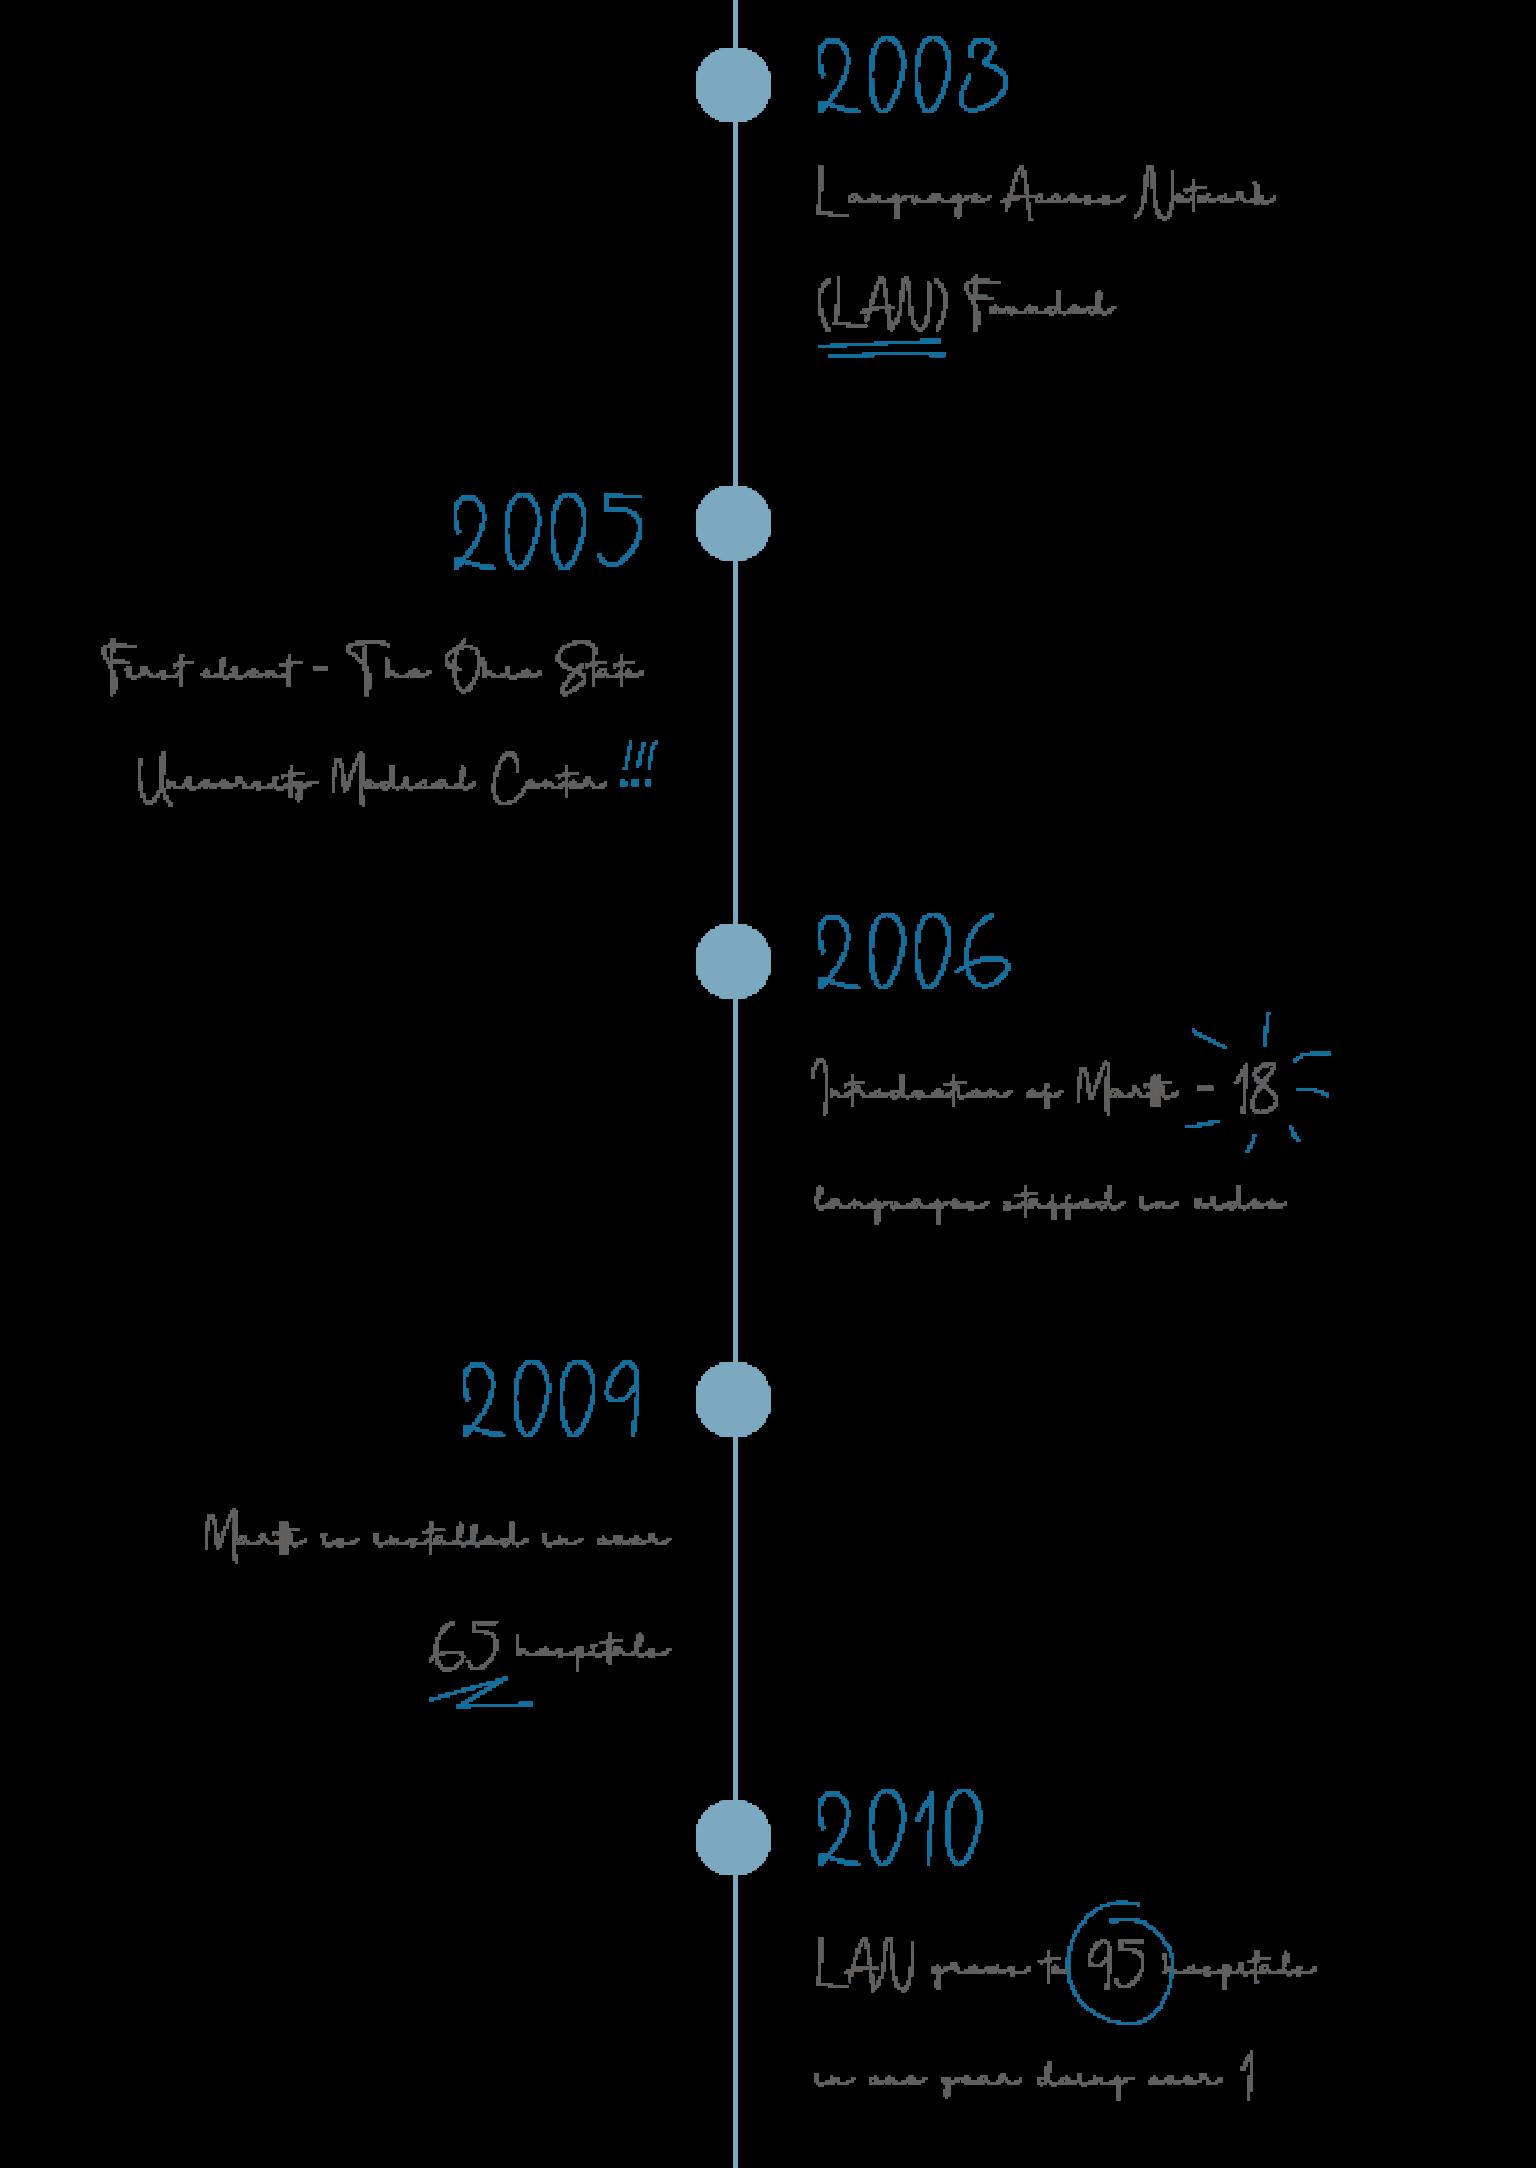 timeline of Cloudbreak